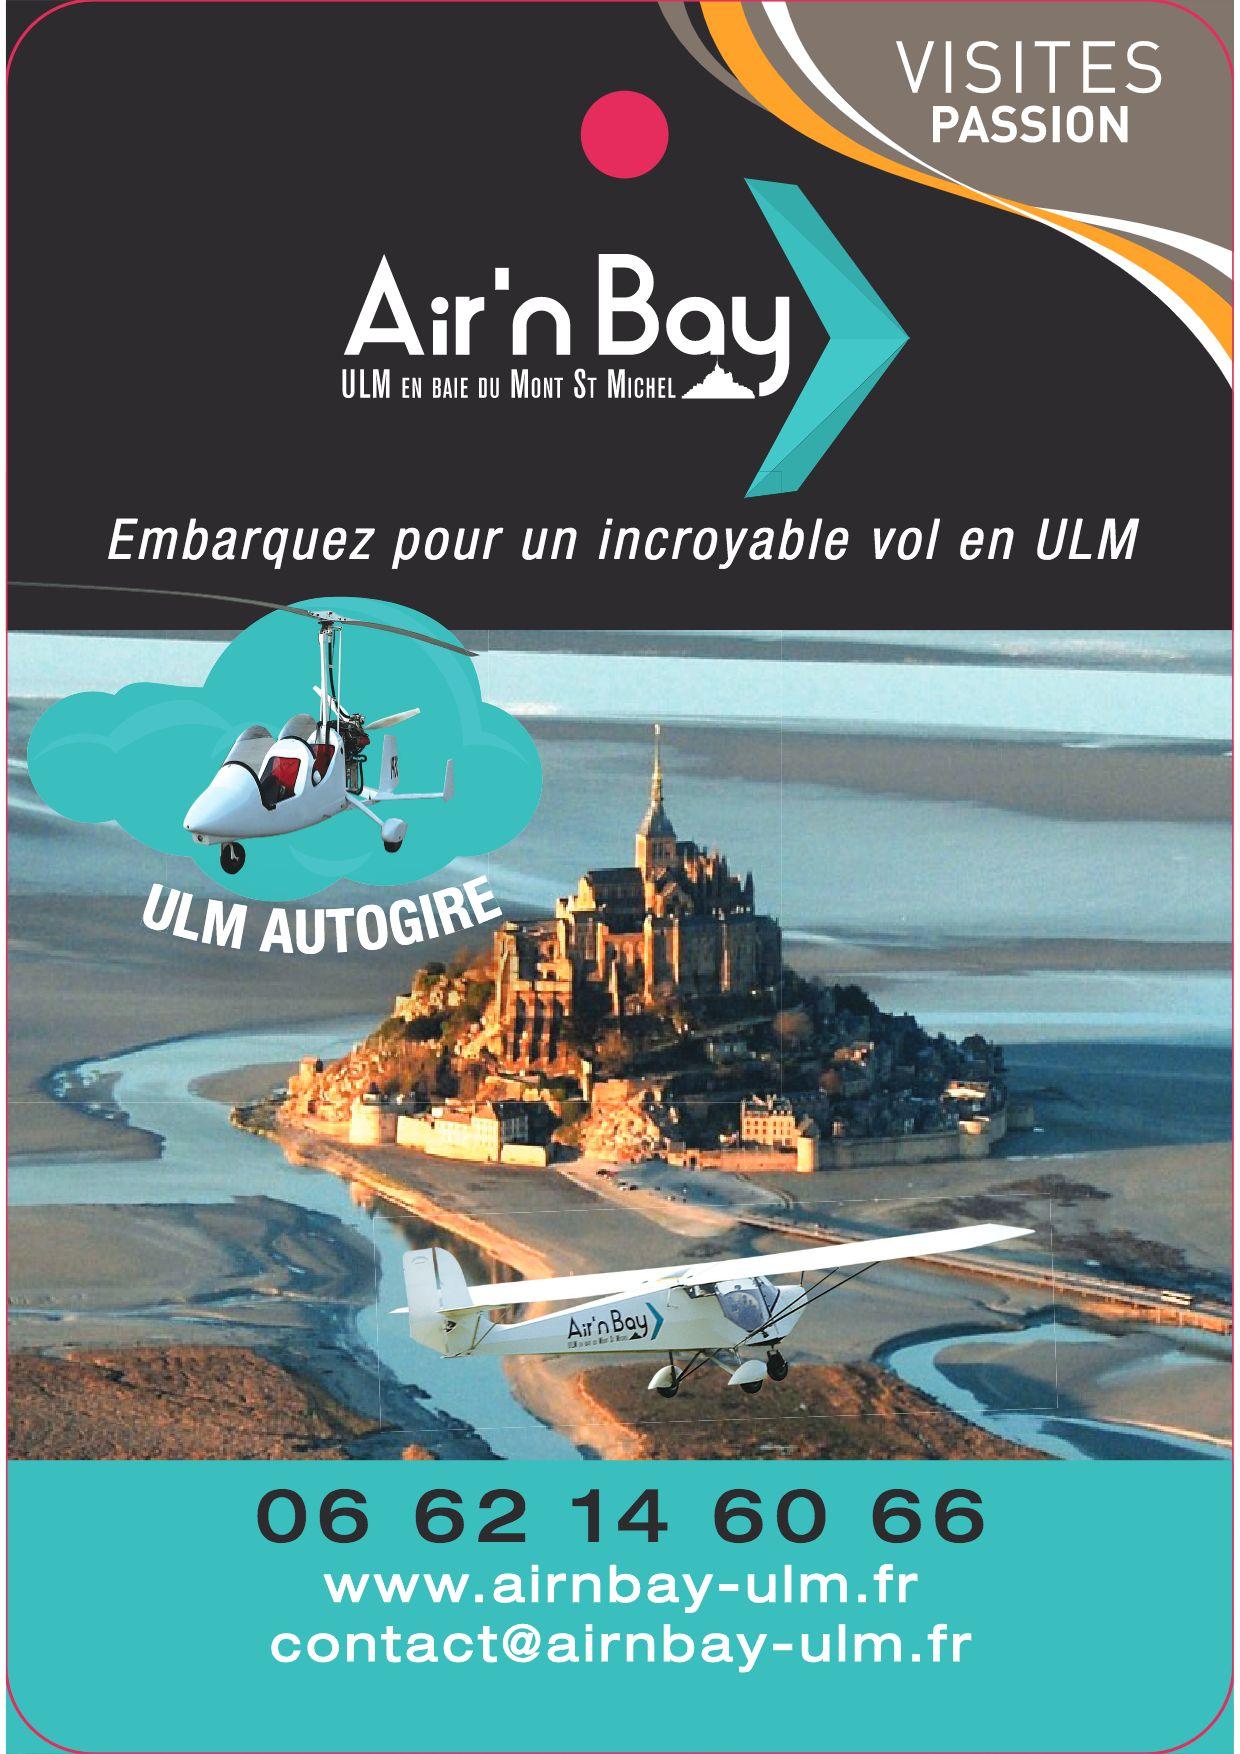 AIR'N BAY